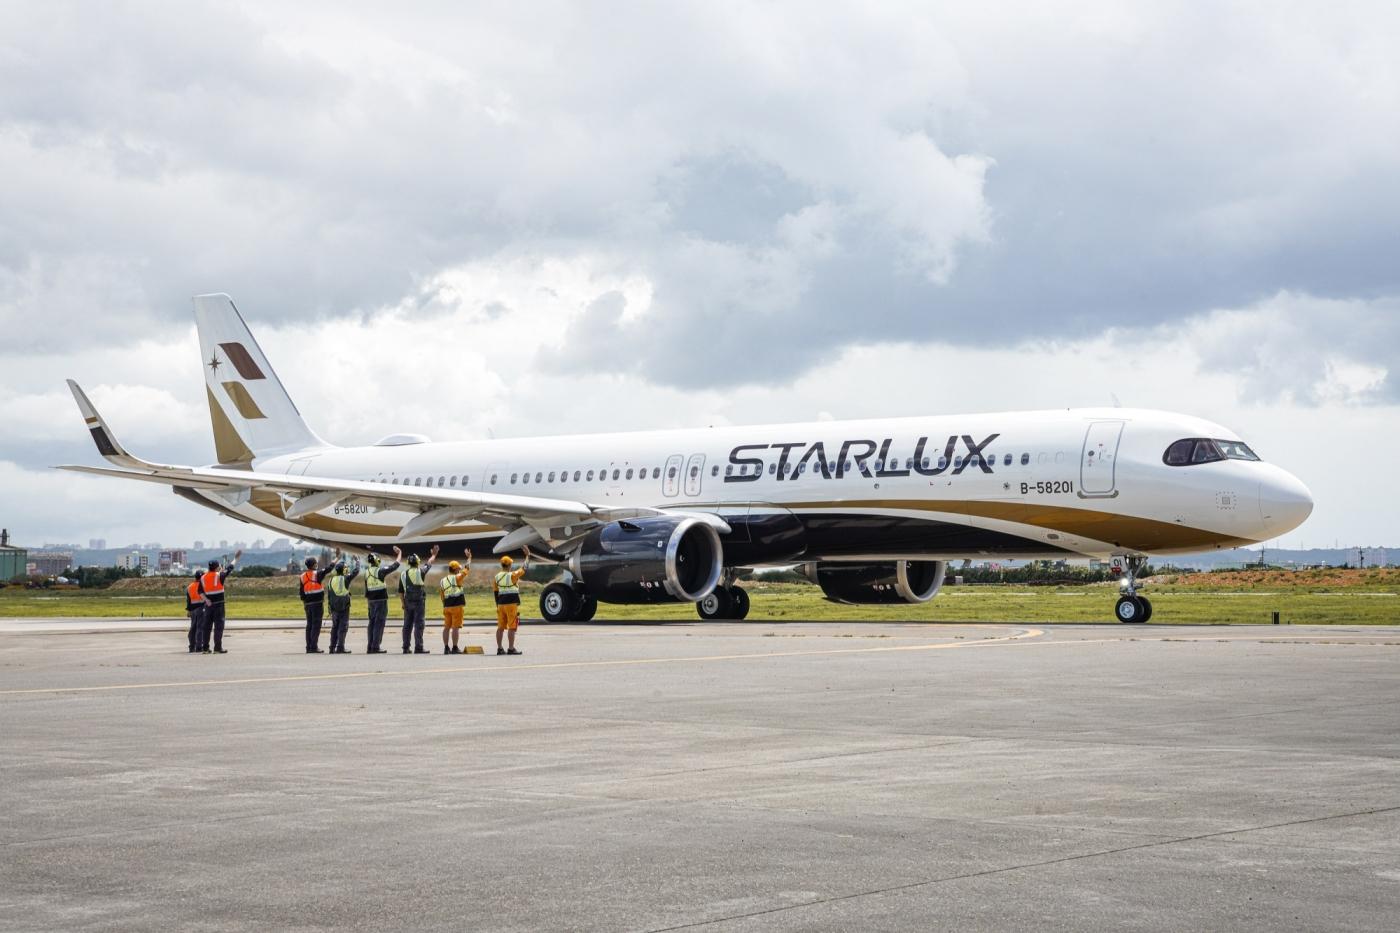 星宇加開航吉隆坡航線、推台北-台南微旅行套裝!為何要超前佈署後疫情航空市場?